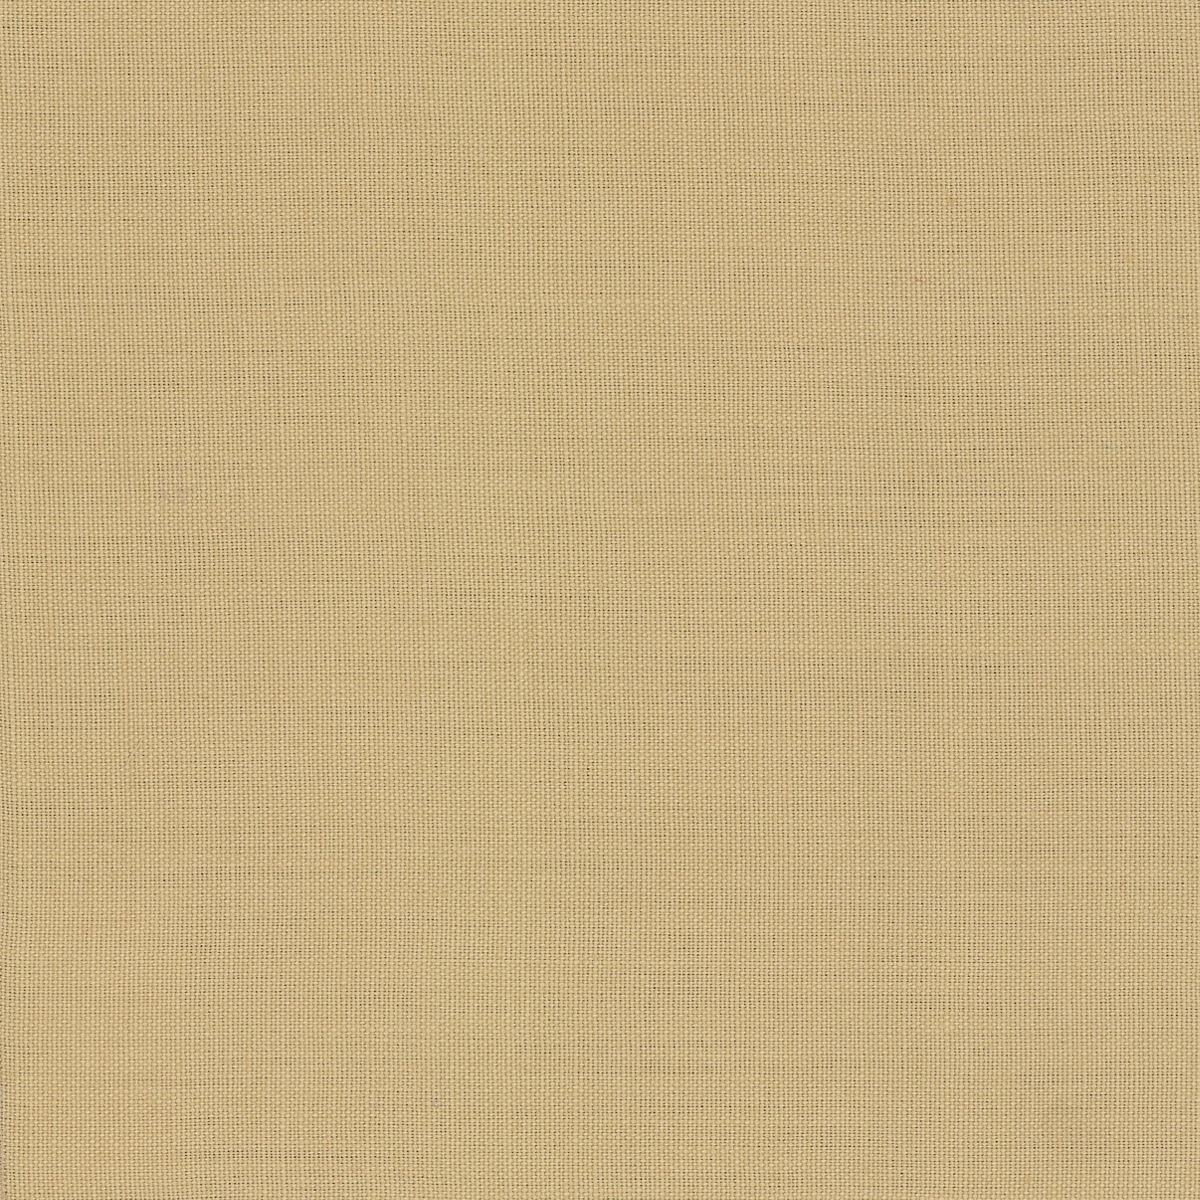 Estate Linen Wheat Ellis Chair Slipcover